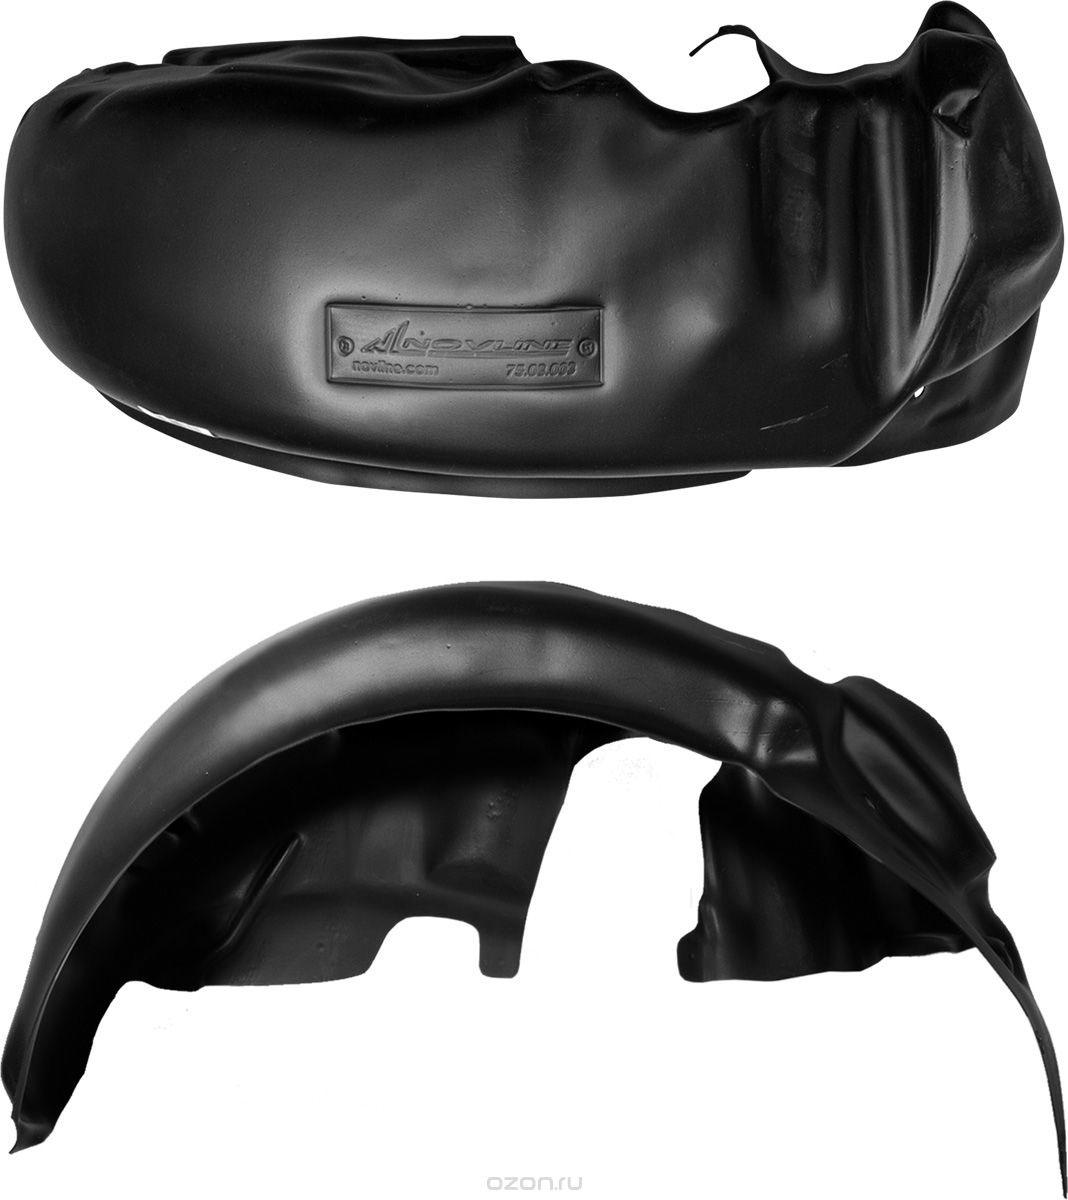 Подкрылок Novline-Autofamily, для ВАЗ 2108-099, 1987-2004, задний правый000414Идеальная защита колесной ниши. Локеры разработаны с применением цифровых технологий, гарантируют максимальную повторяемость поверхности арки. Изделия устанавливаются без нарушения лакокрасочного покрытия автомобиля, каждый подкрылок комплектуется крепежом. Уважаемые клиенты, обращаем ваше внимание, что фотографии на подкрылки универсальные и не отражают реальную форму изделия. При этом само изделие идет точно под размер указанного автомобиля.